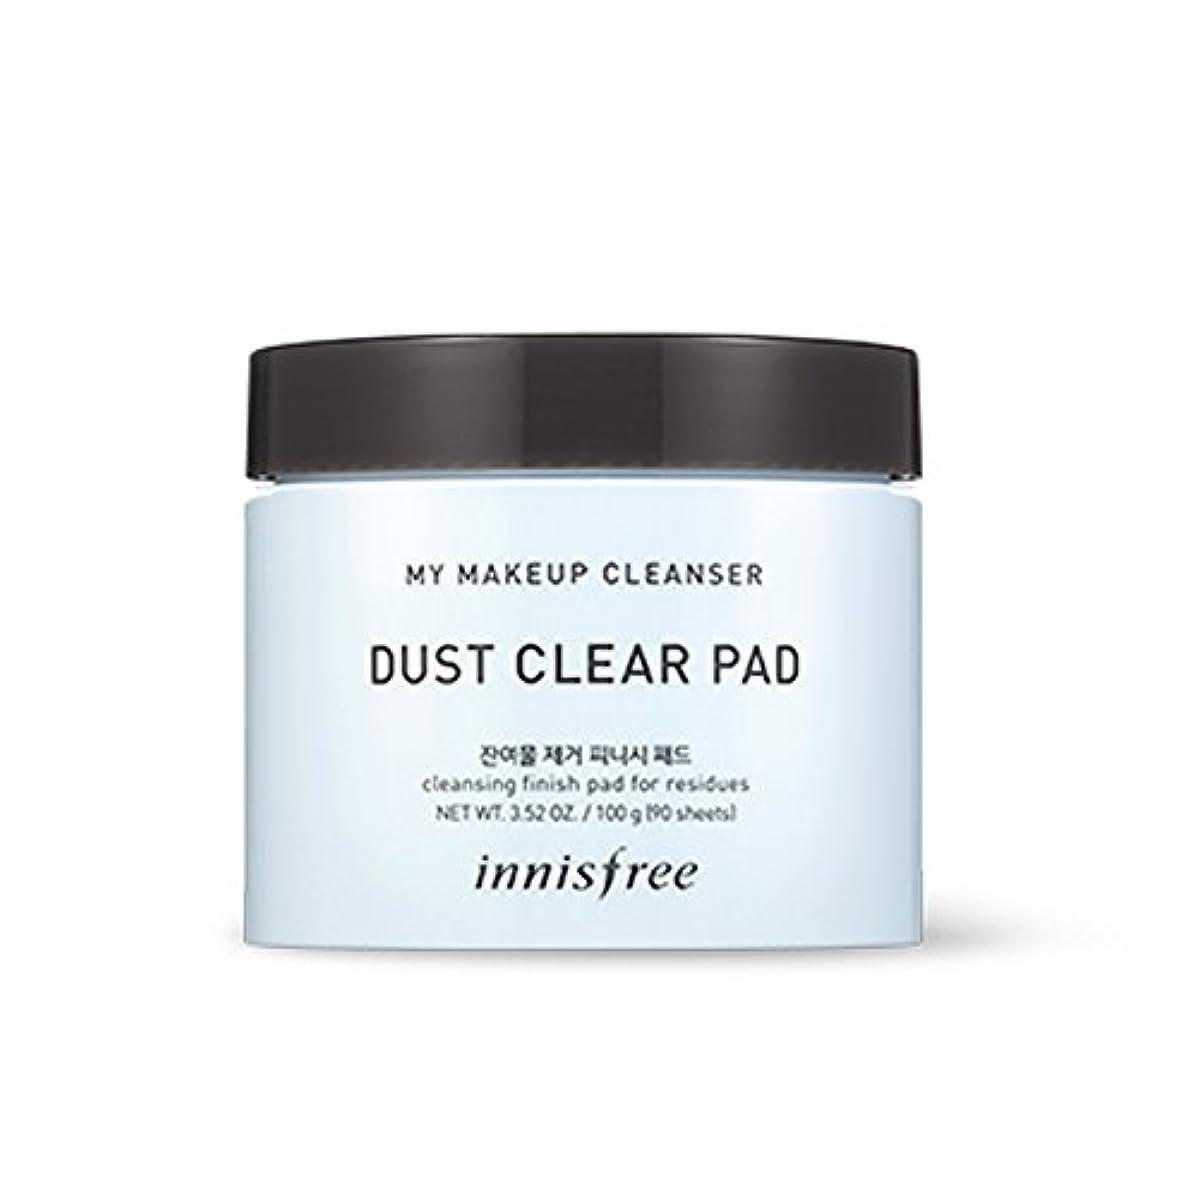 励起暫定のリッチイニスフリーマイメイクアップクレンザー - ダストクリアパッド90ea x 1個 Innisfree My Makeup Cleanser - Dust Clear Pad 90ea x 1pcs [海外直送品][並行輸入品]